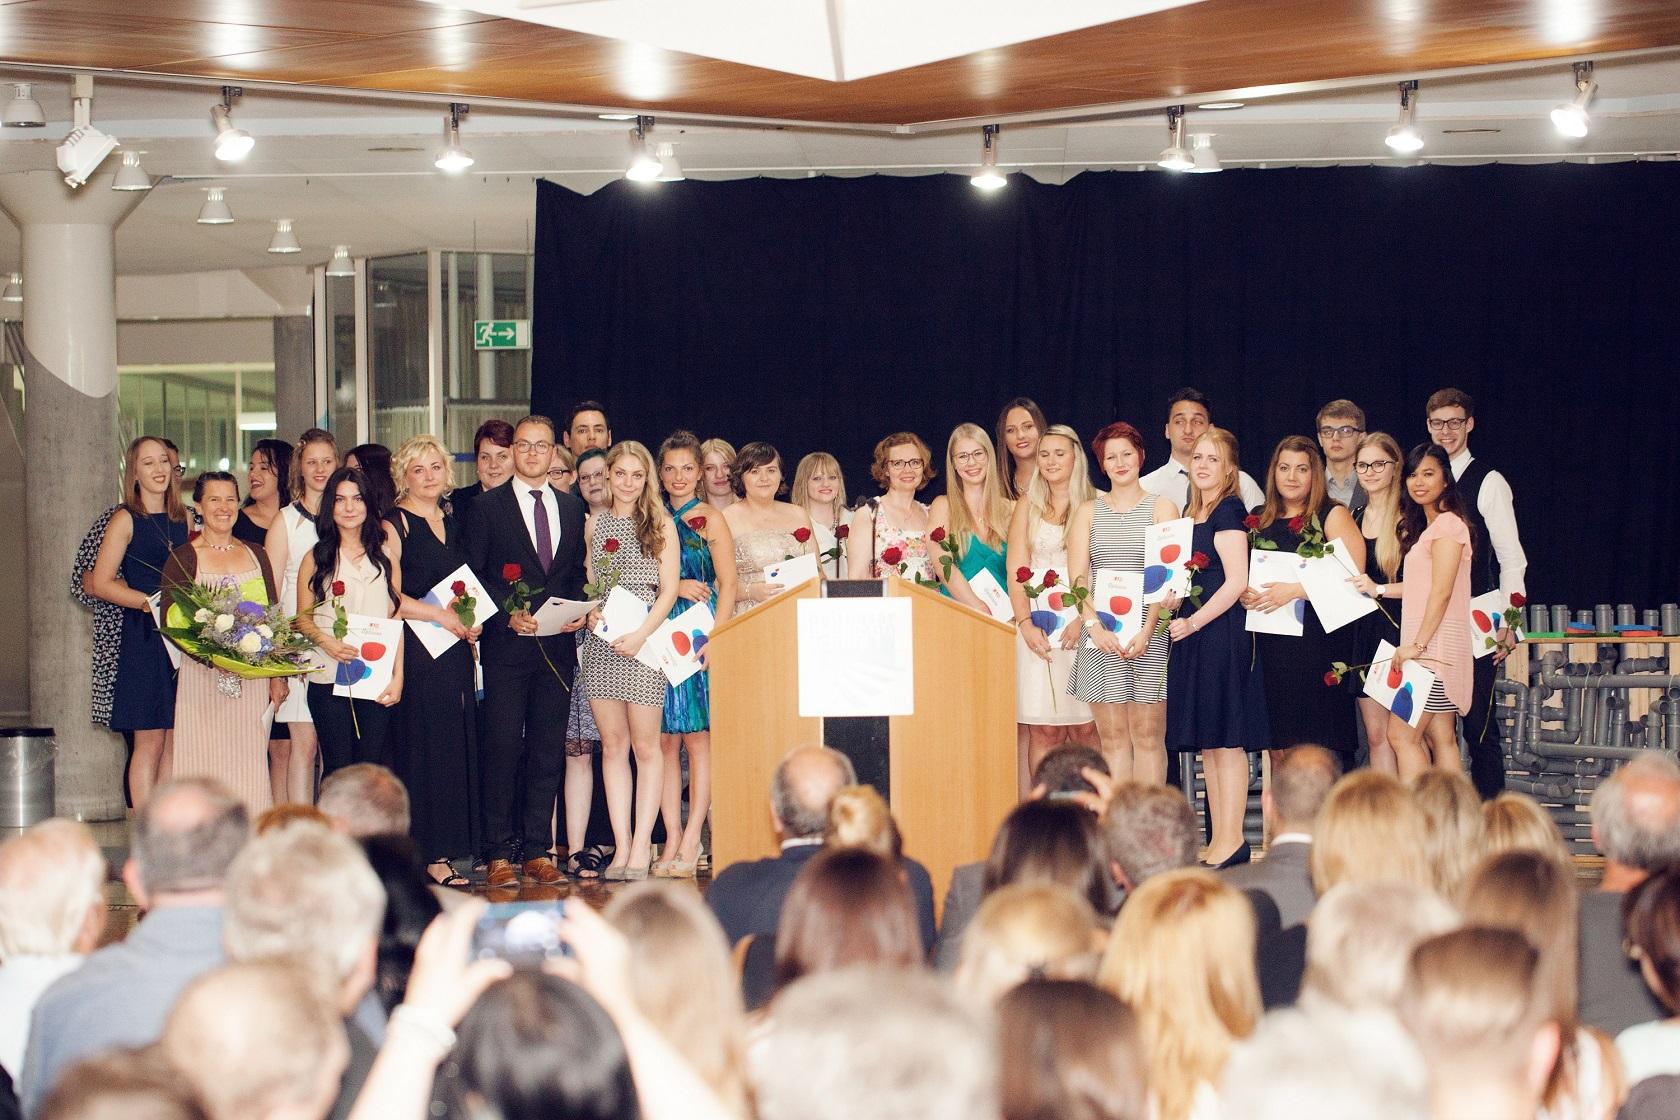 Schulabschlussfeier Bruchsal 2016 Klasse zusammen